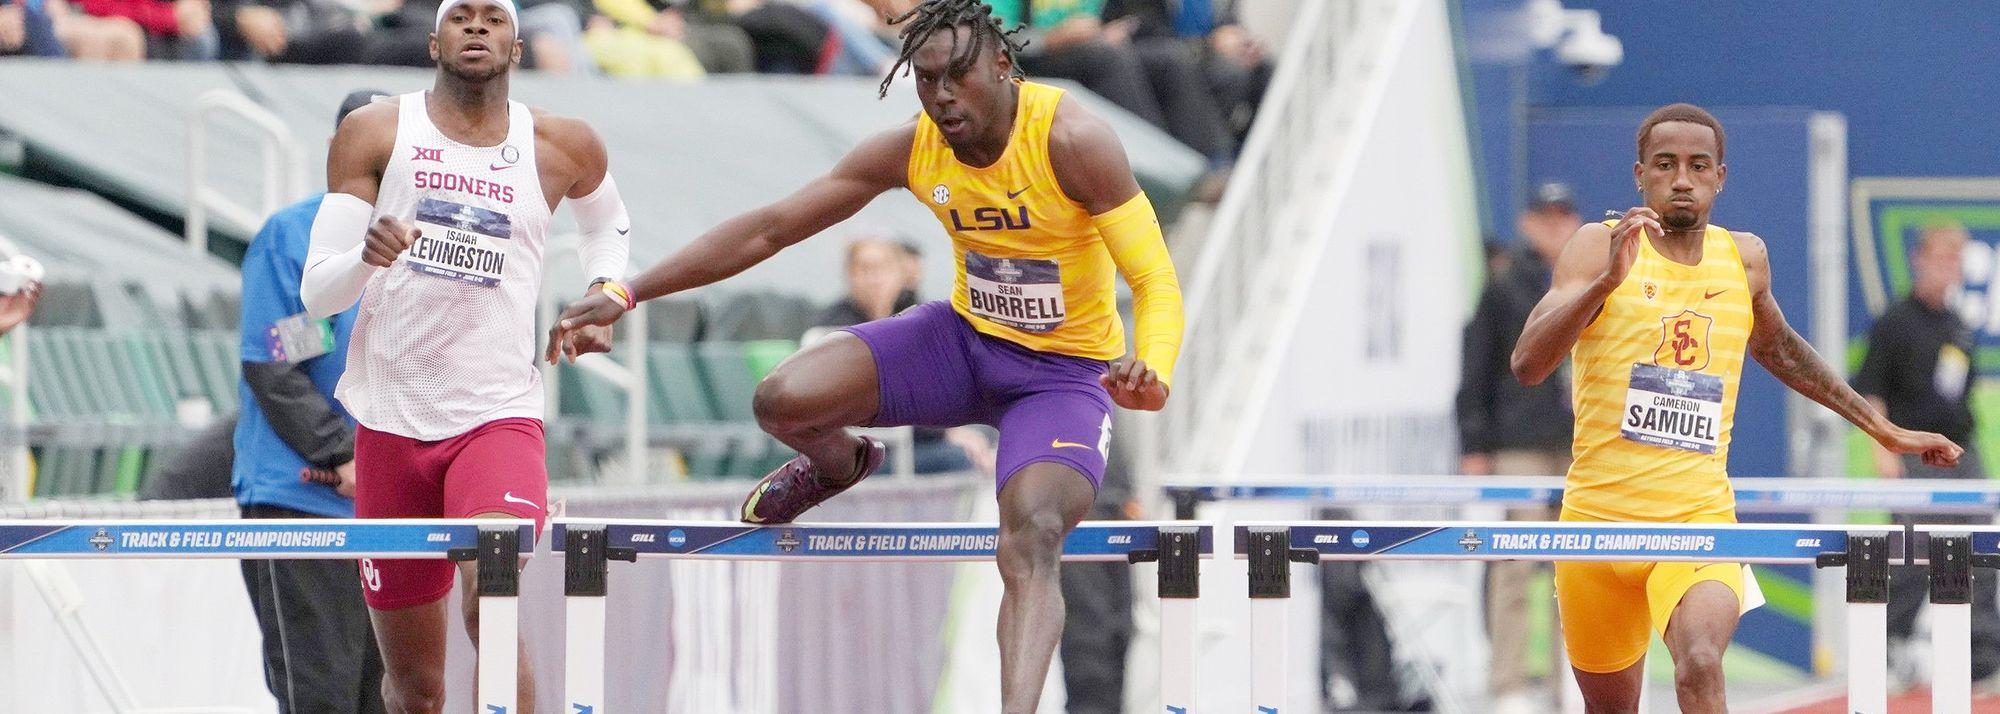 400m hurdles newcomer clocks 47.85 at NCAA Championships